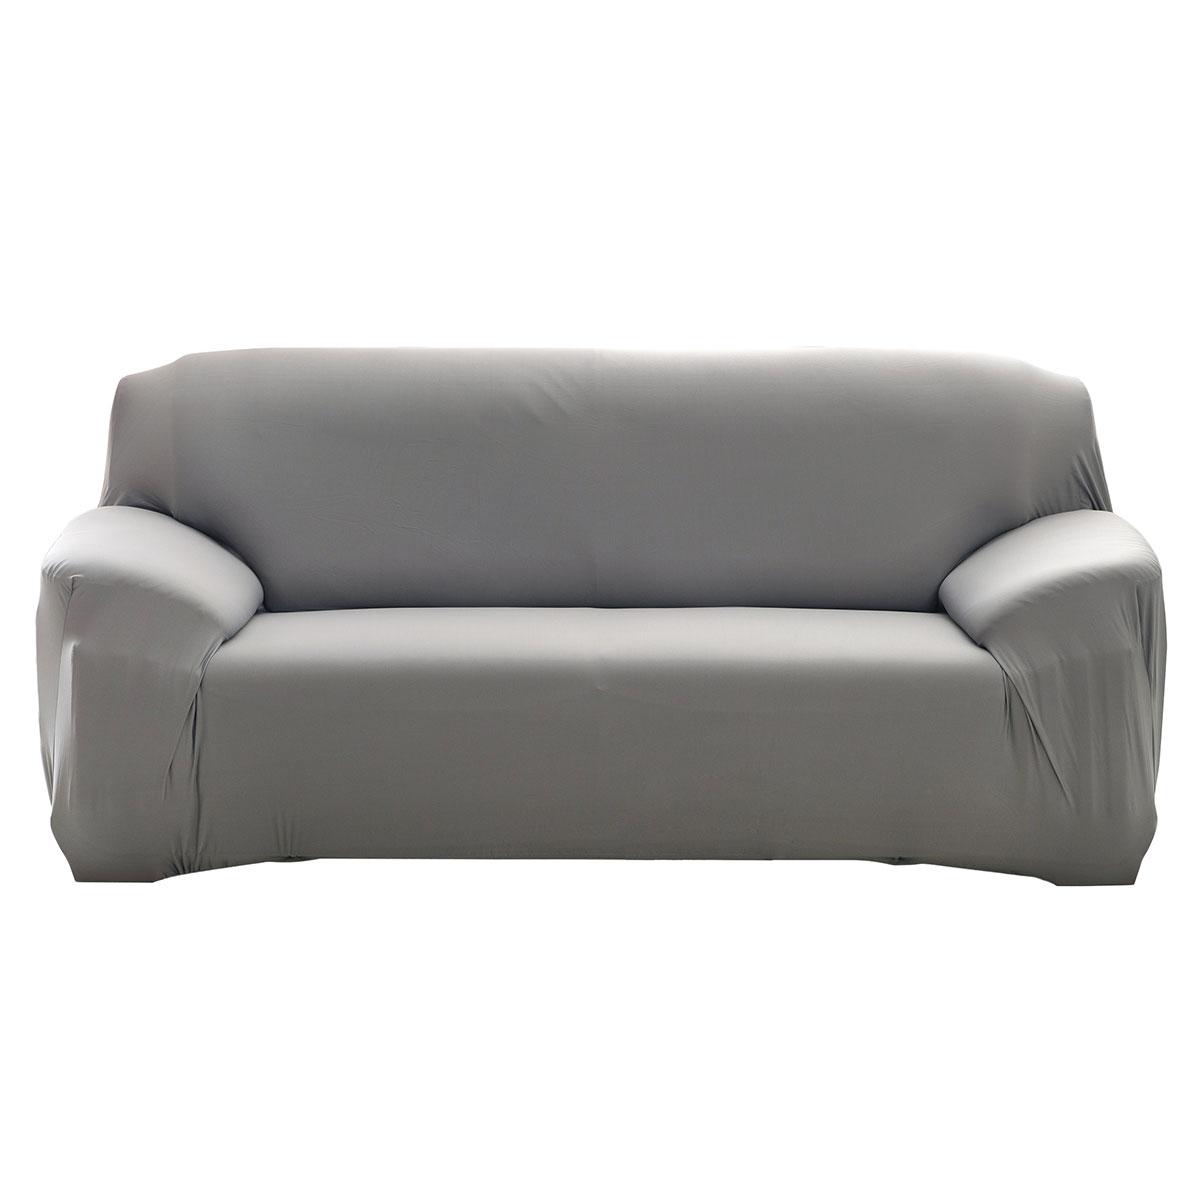 1 2 3 sitzer sofabezug stretch husse sitzbezug sofahusse couchhusse sofabez ge ebay. Black Bedroom Furniture Sets. Home Design Ideas